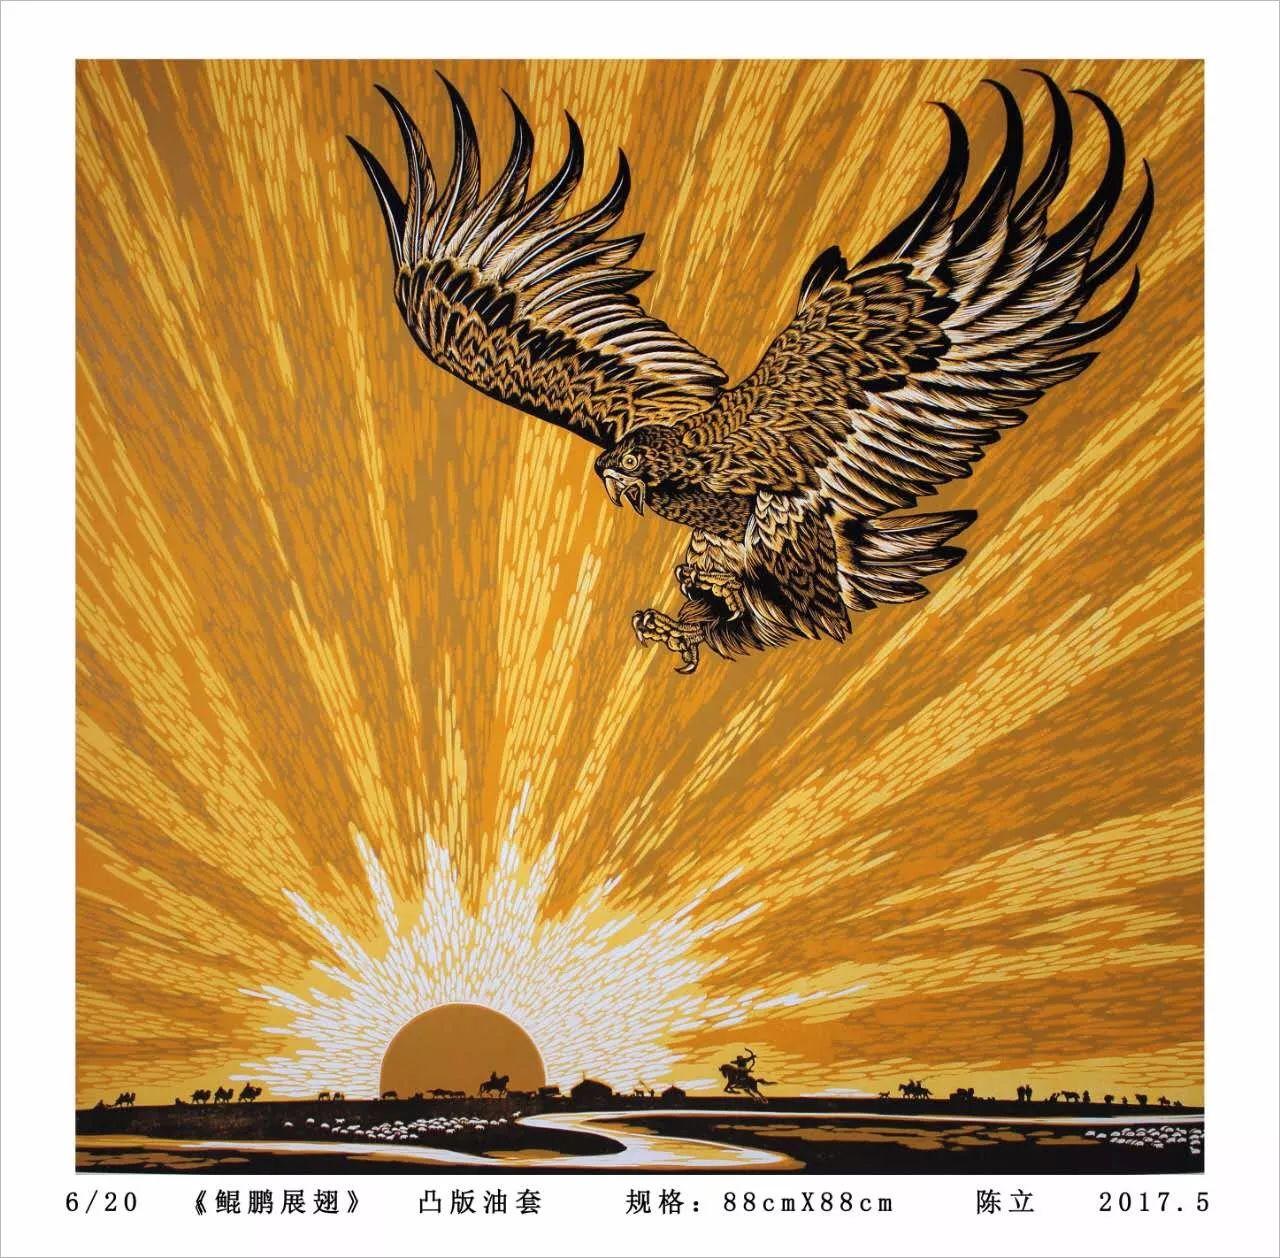 多彩生动的风光——陈立版画欣赏 第7张